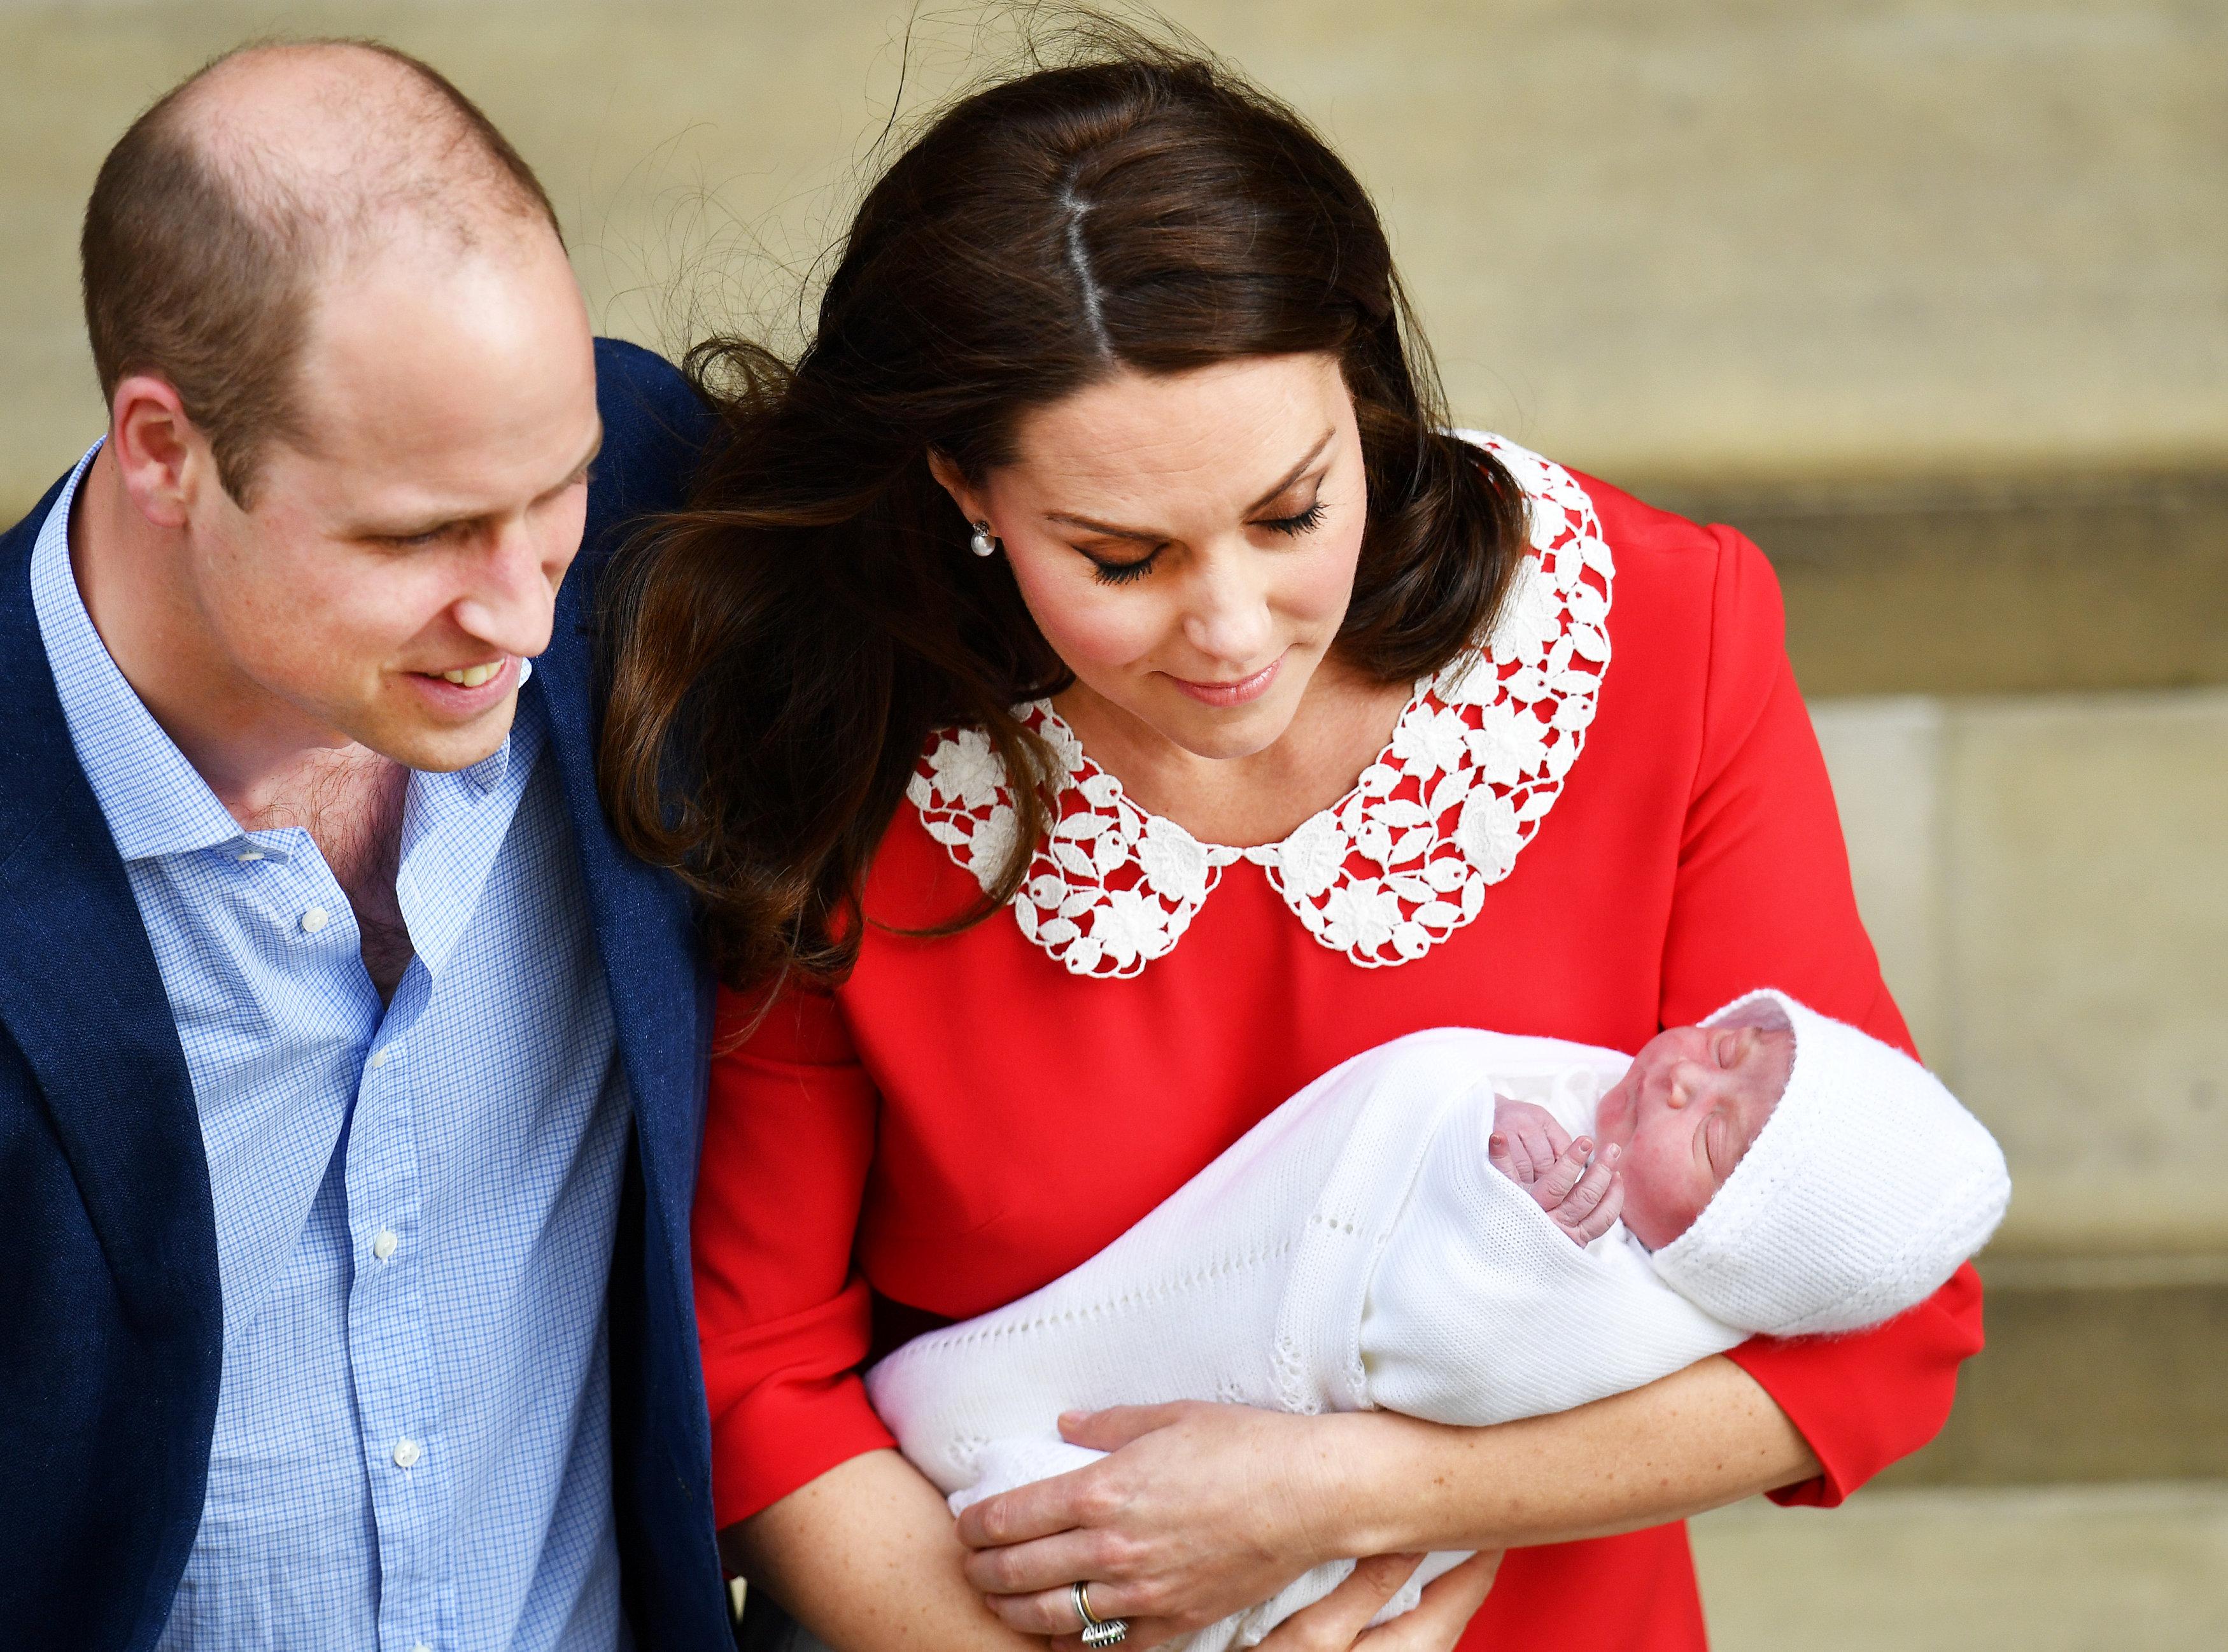 23 апреля Кейт Миддлтон родила еще одного наследника престола